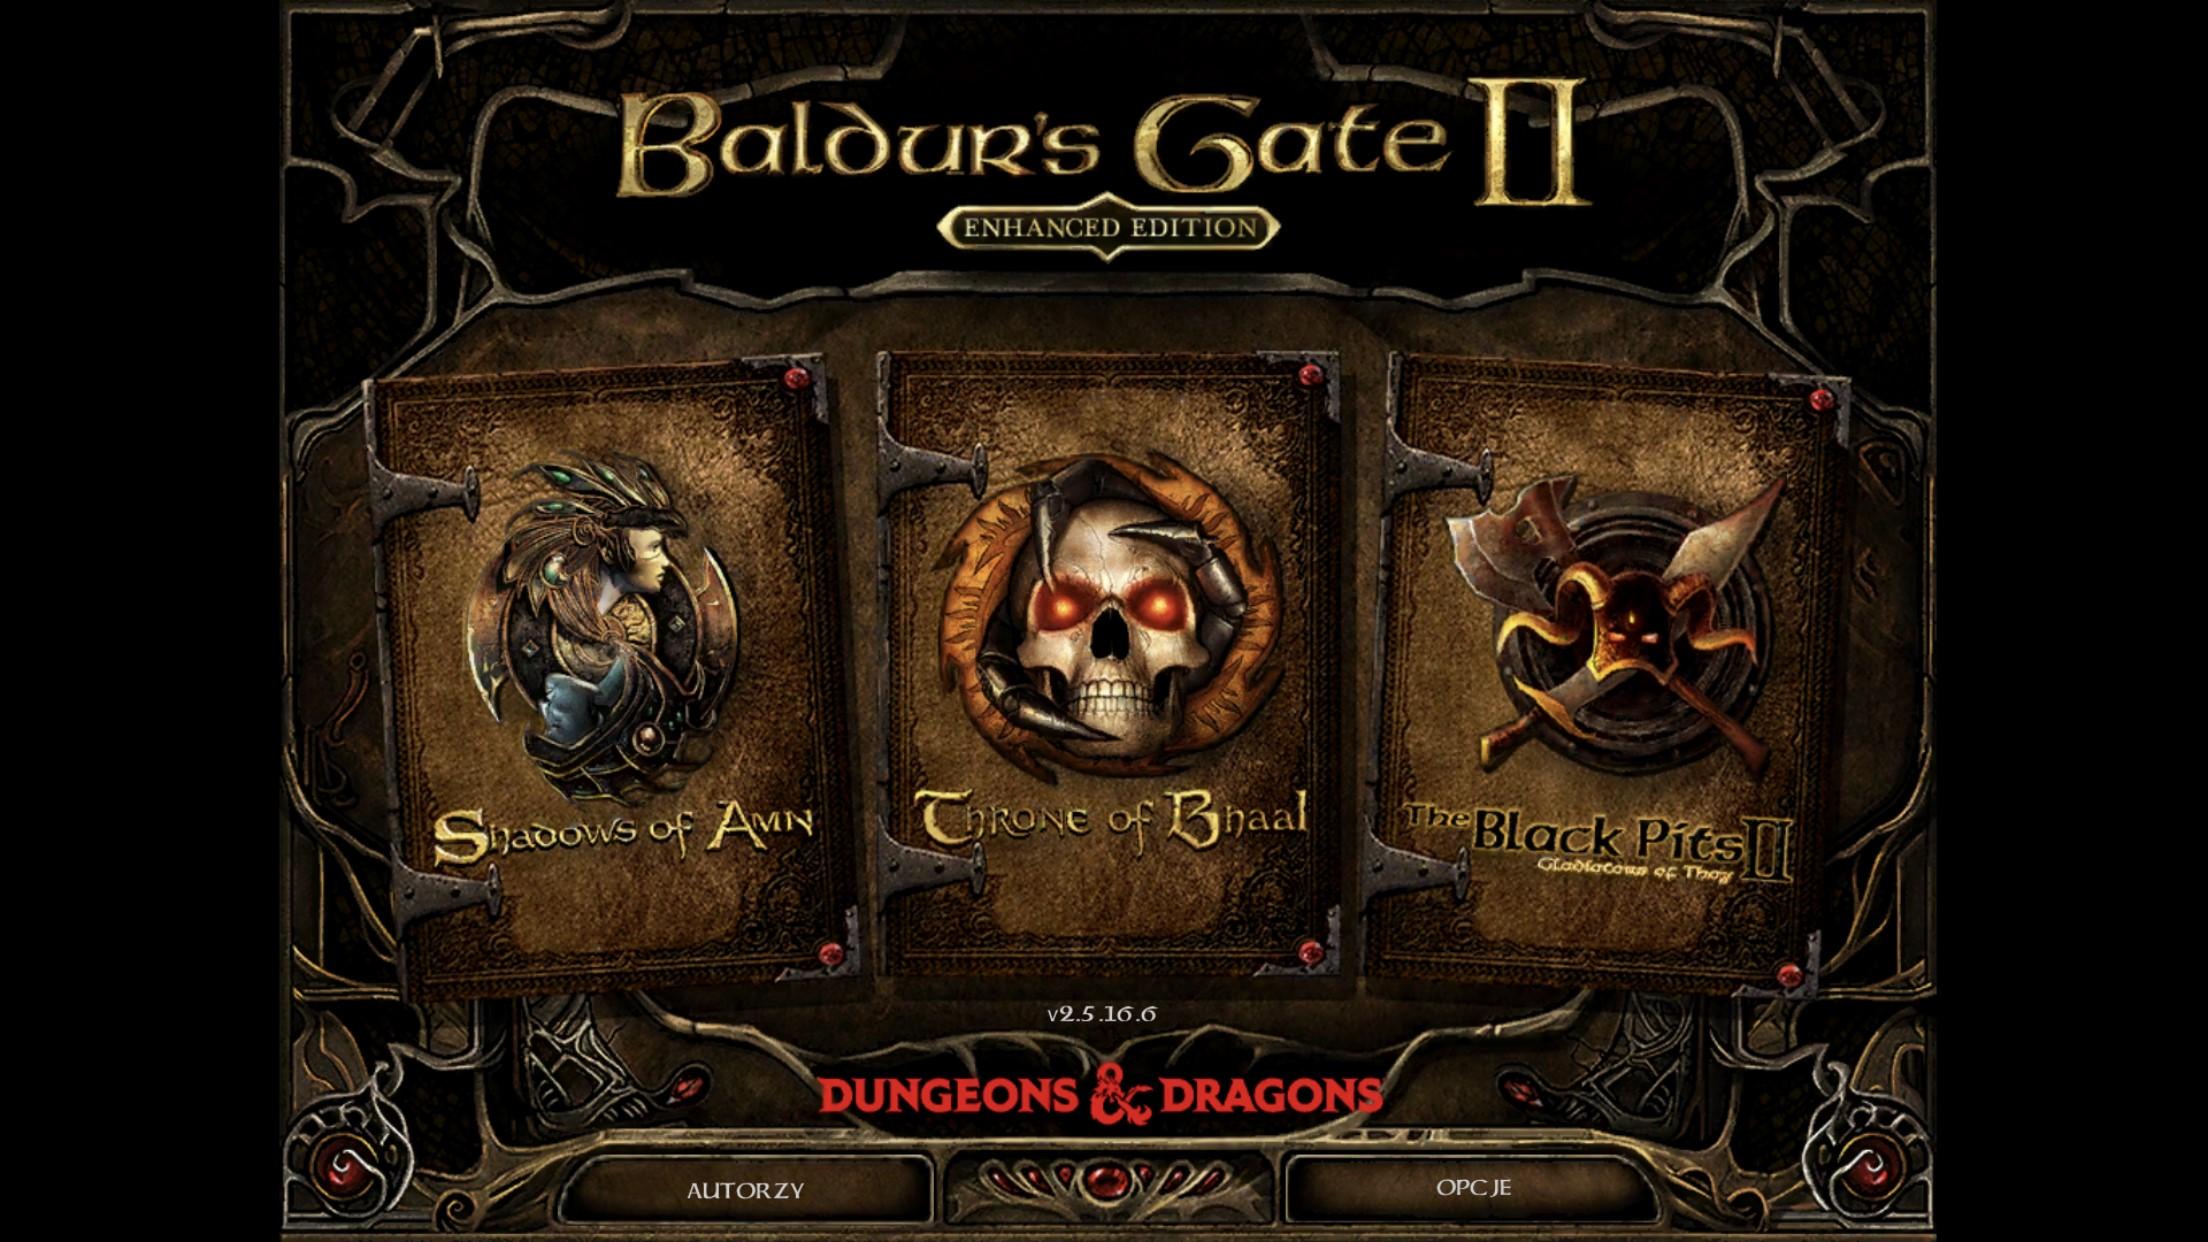 Baldur's Gate 2: Enhanced Edition po polsku - nie wierzę, że to przegapiłem